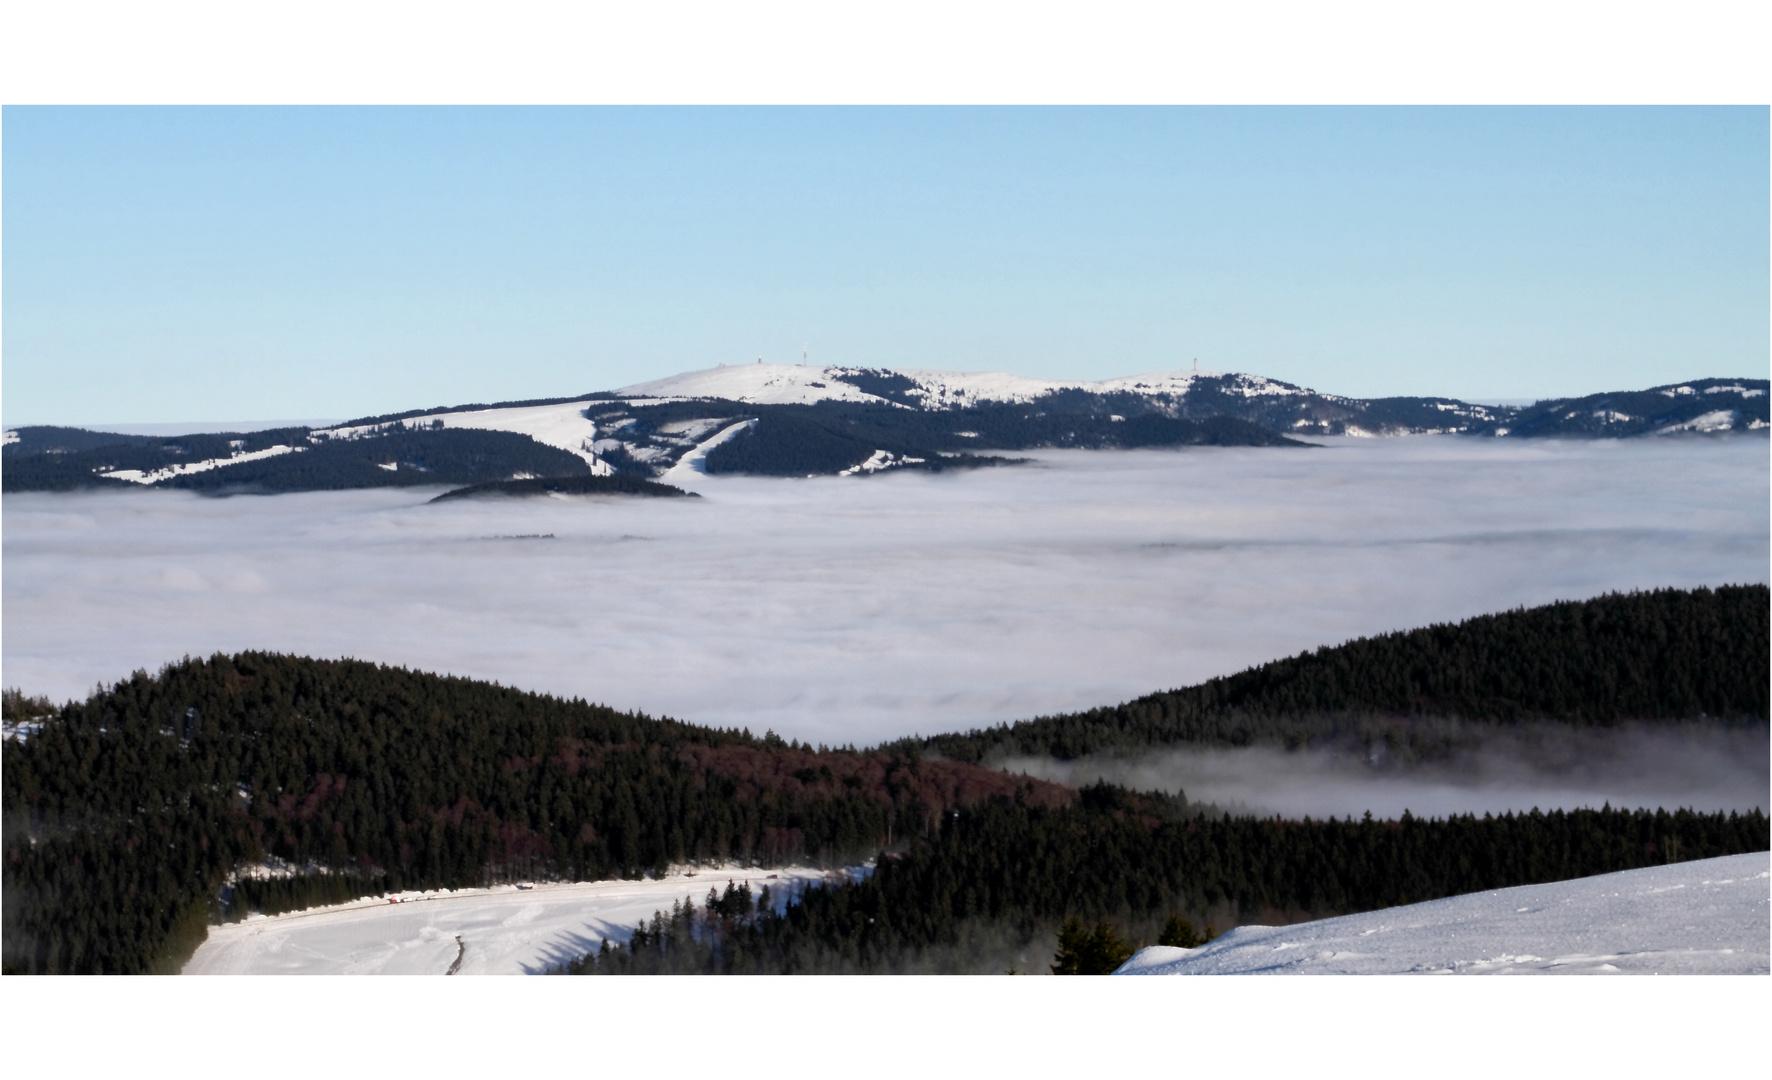 Belchen 5 - Feldbergmassiv über dem Nebel